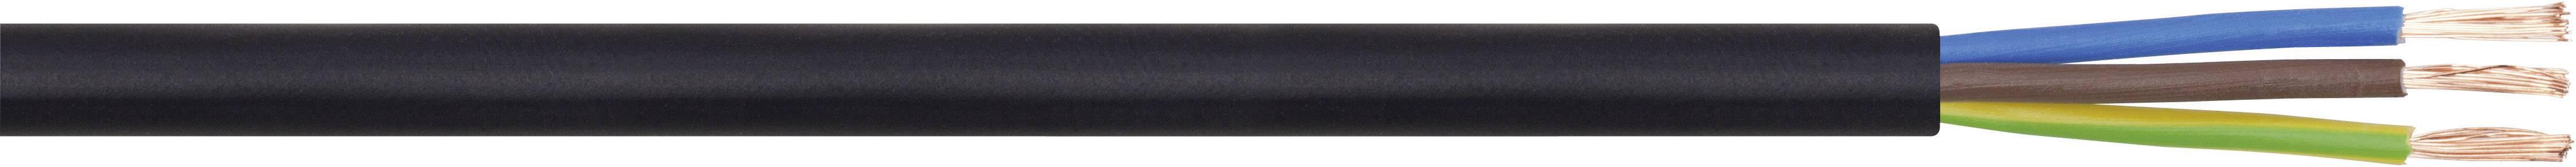 Vícežílový kabel LappKabel H05VV-F, 49900075, 3 x 1 mm², černá, metrové zboží